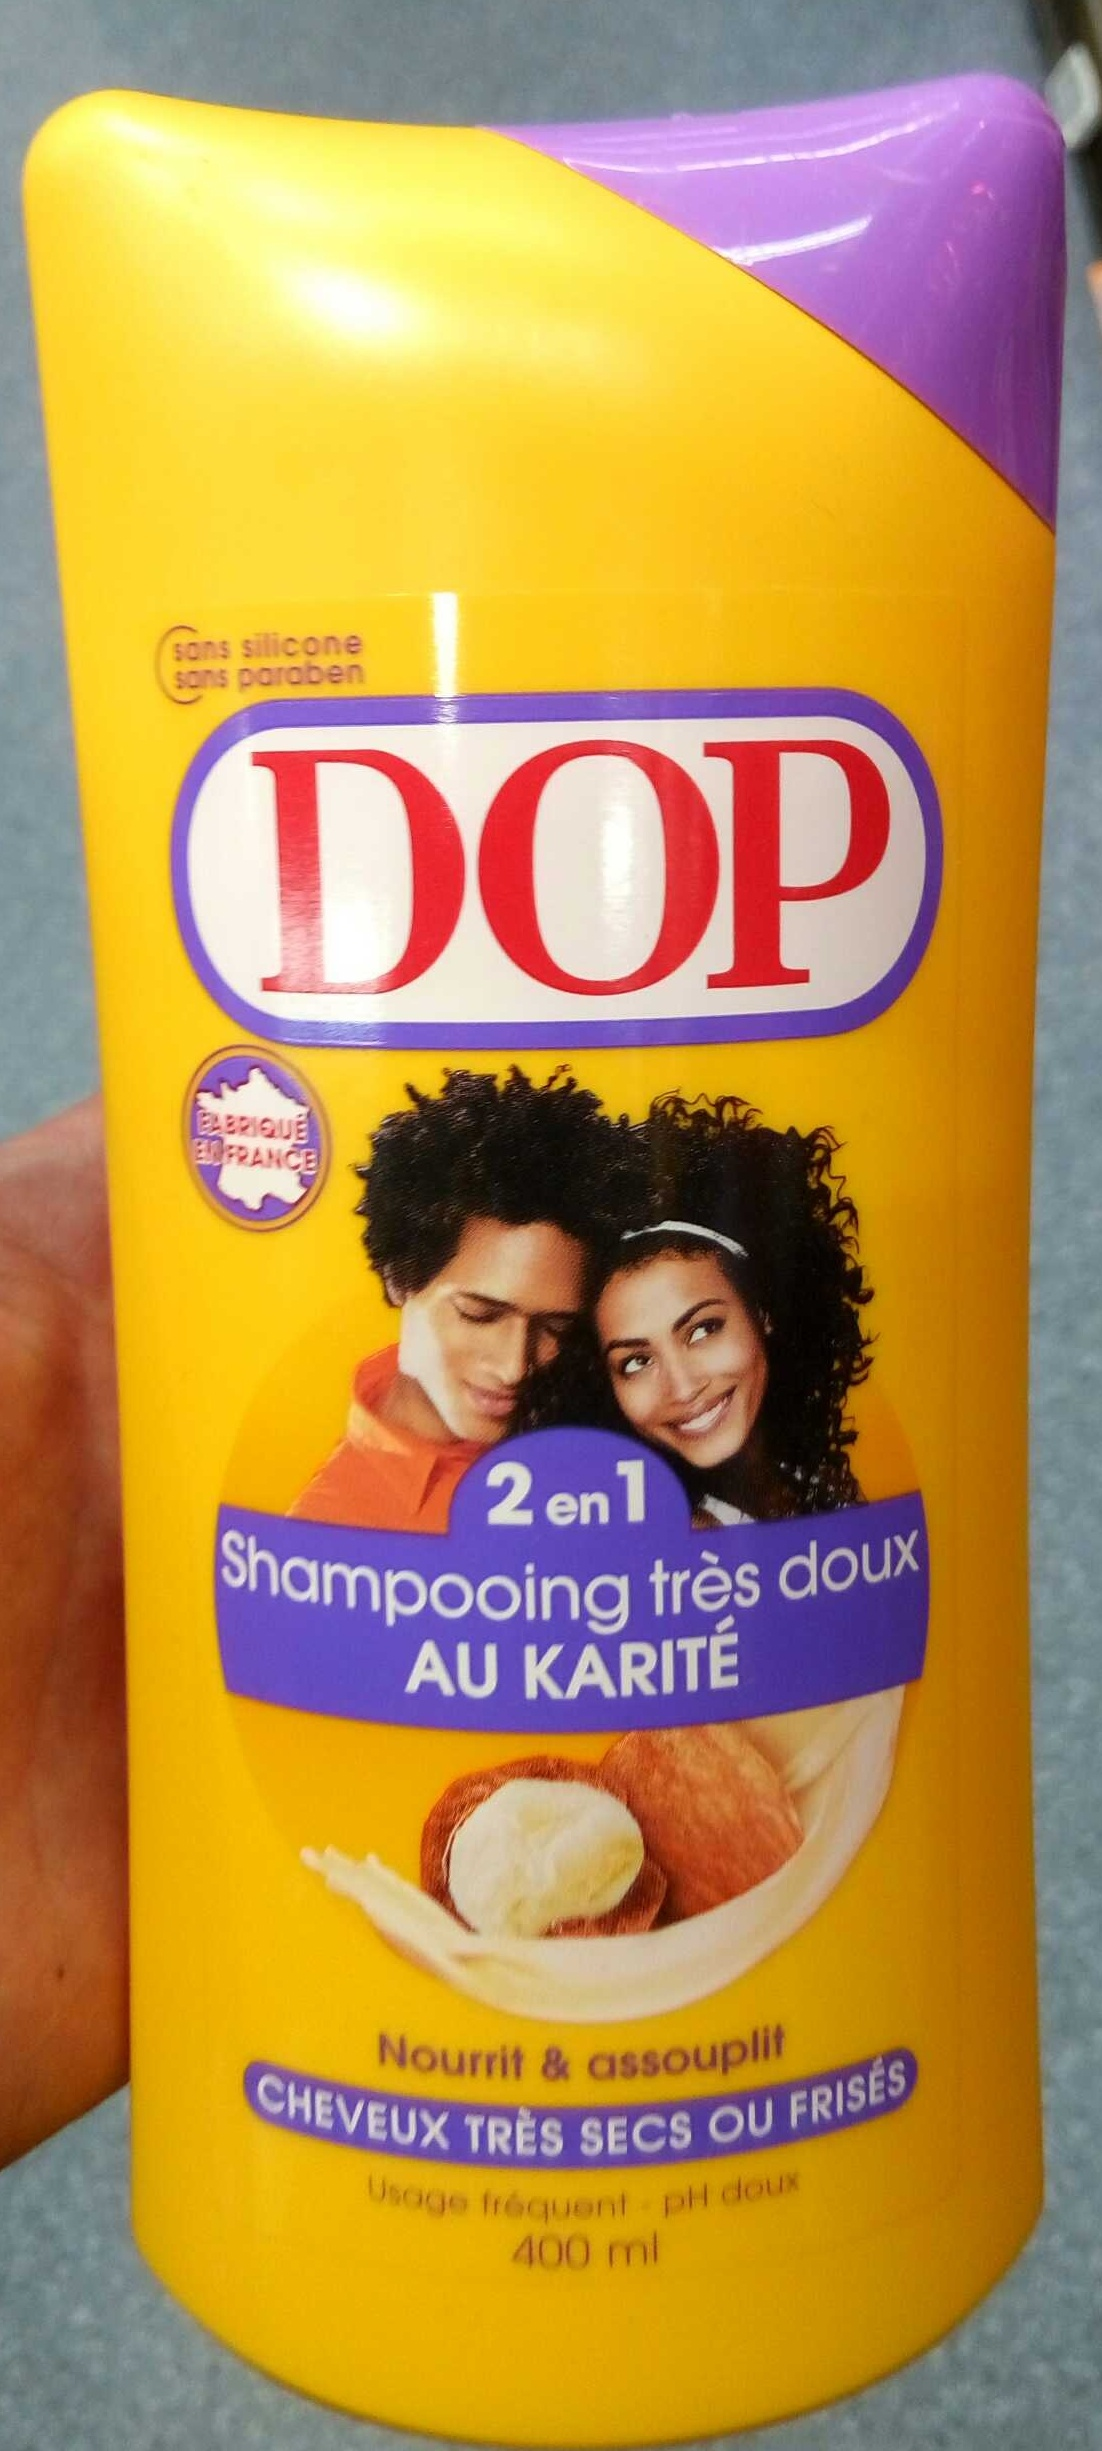 shampoing dop 2 en 1